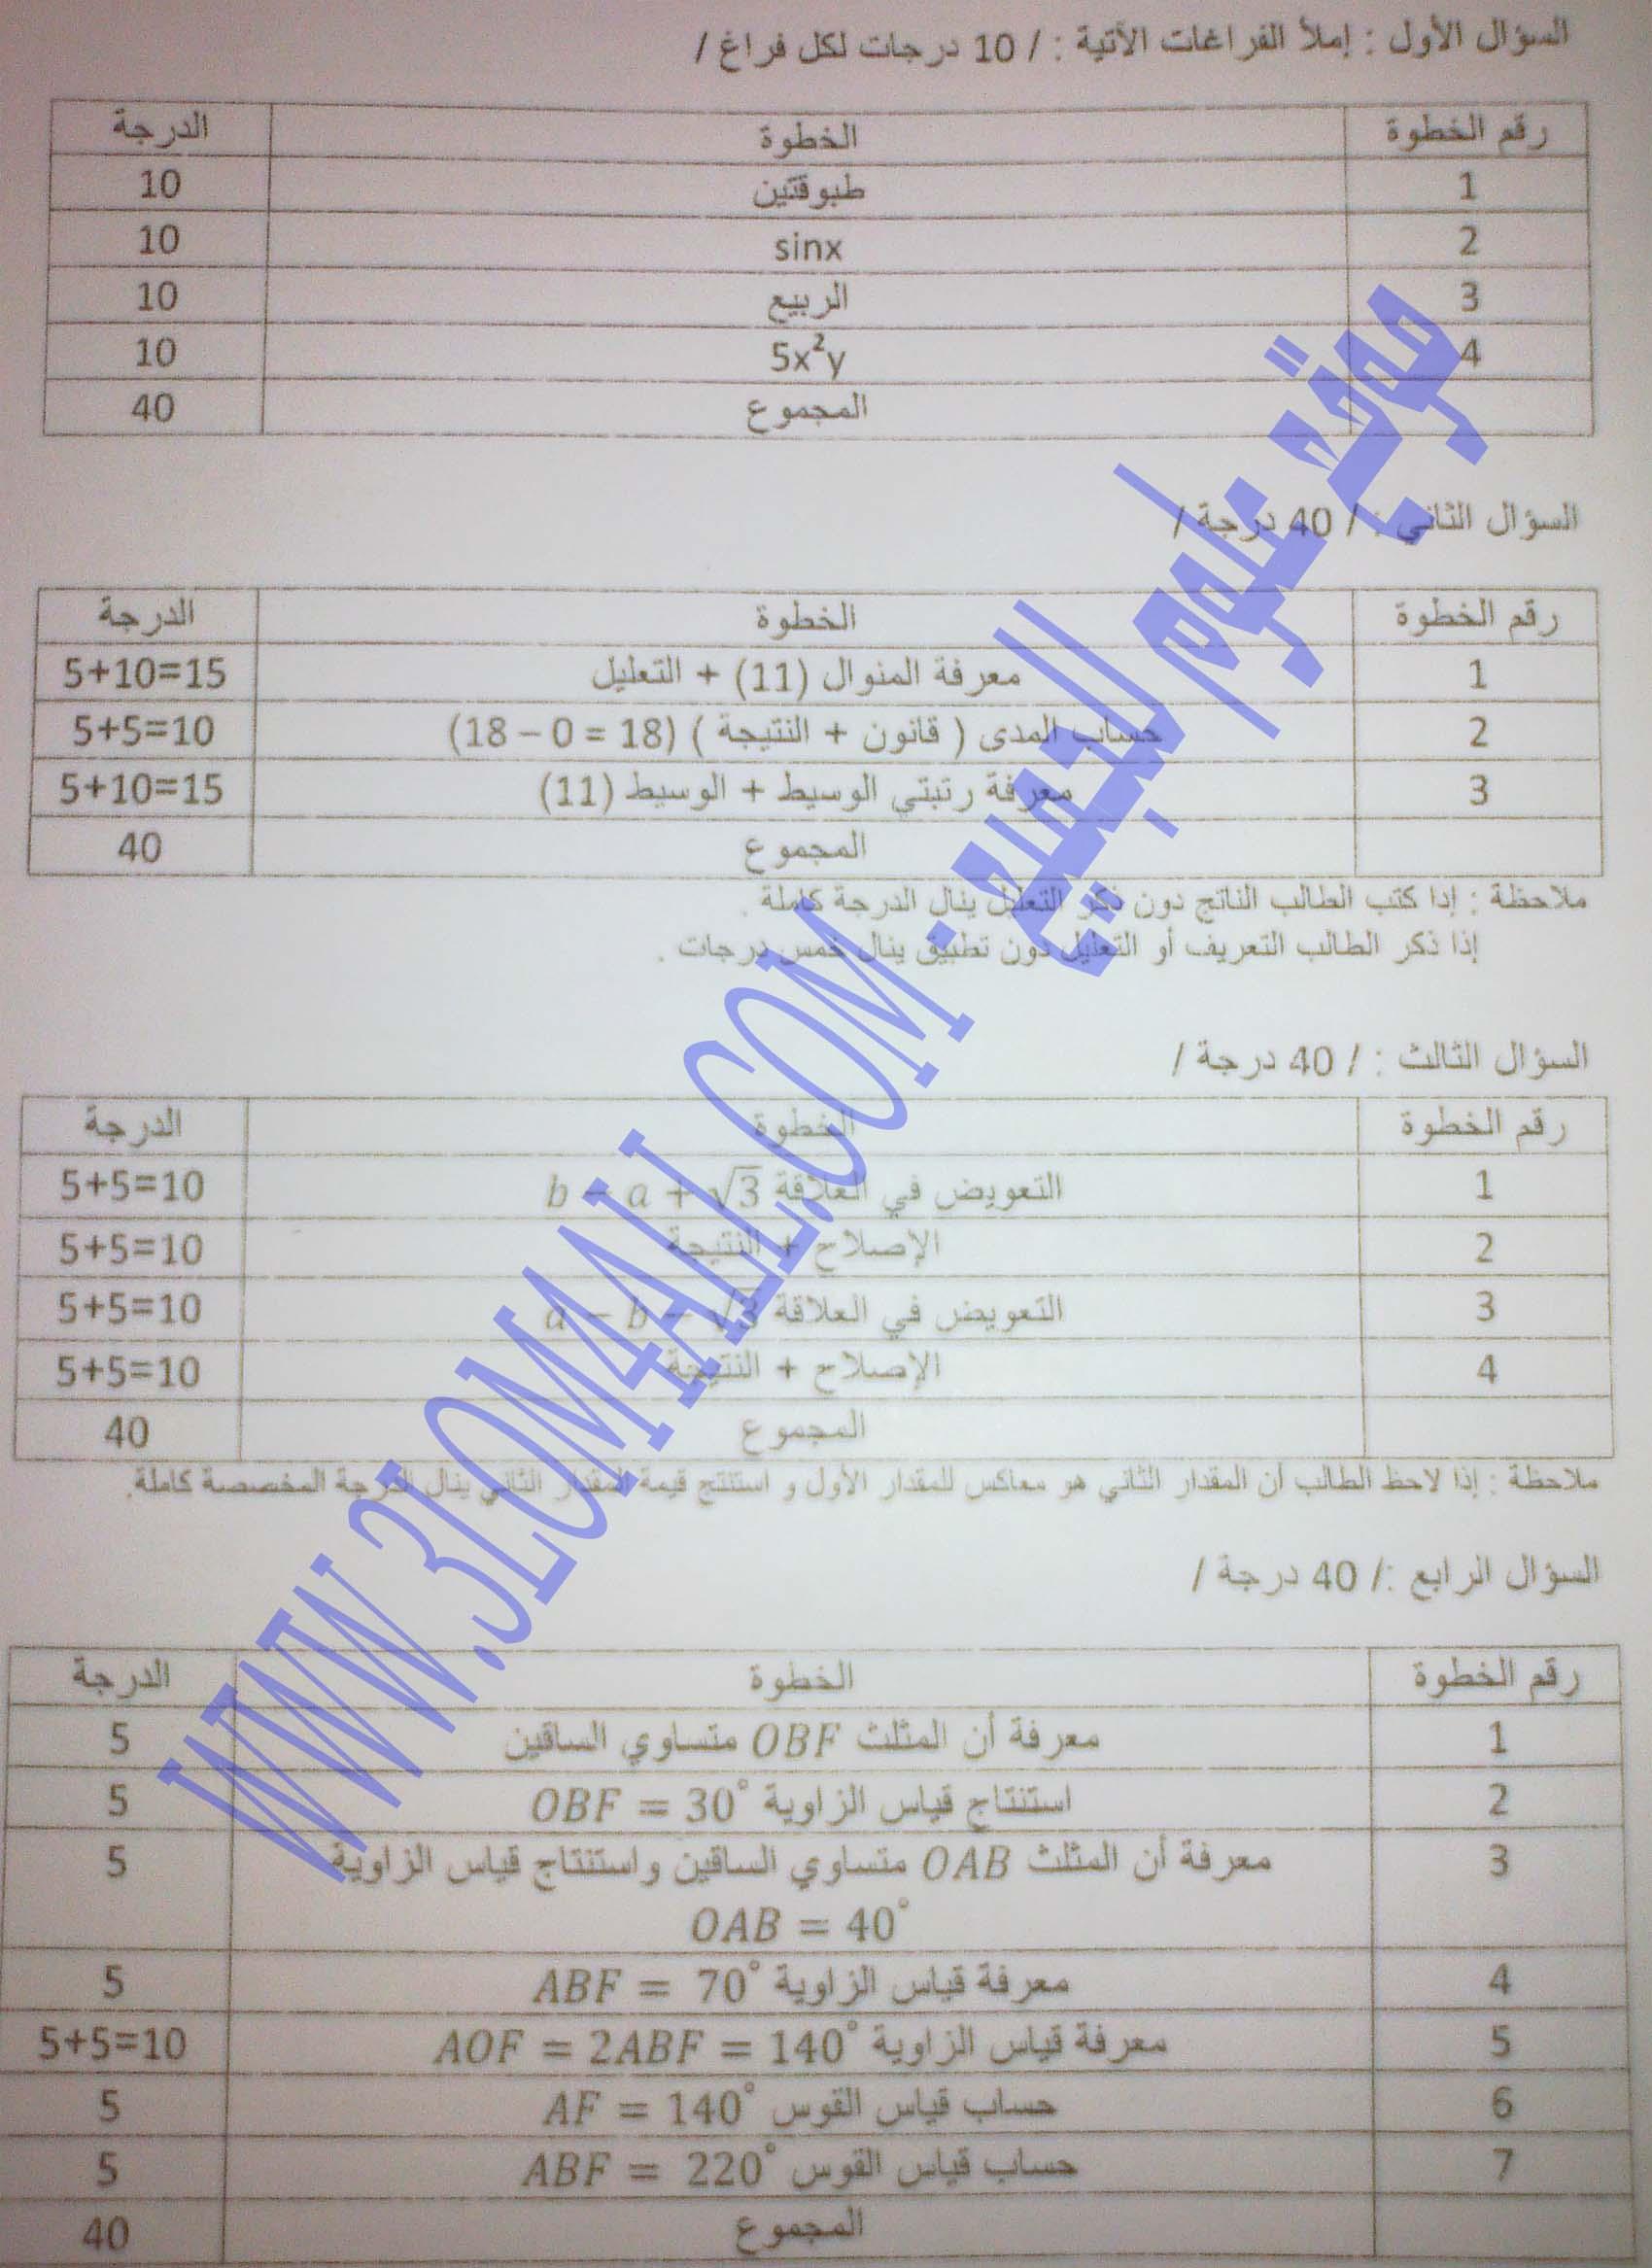 سلم تصحيح امتحان مادة الرياضيات في شهادة التعليم الأساسي دورة عام 2014 تربية اللاذقية